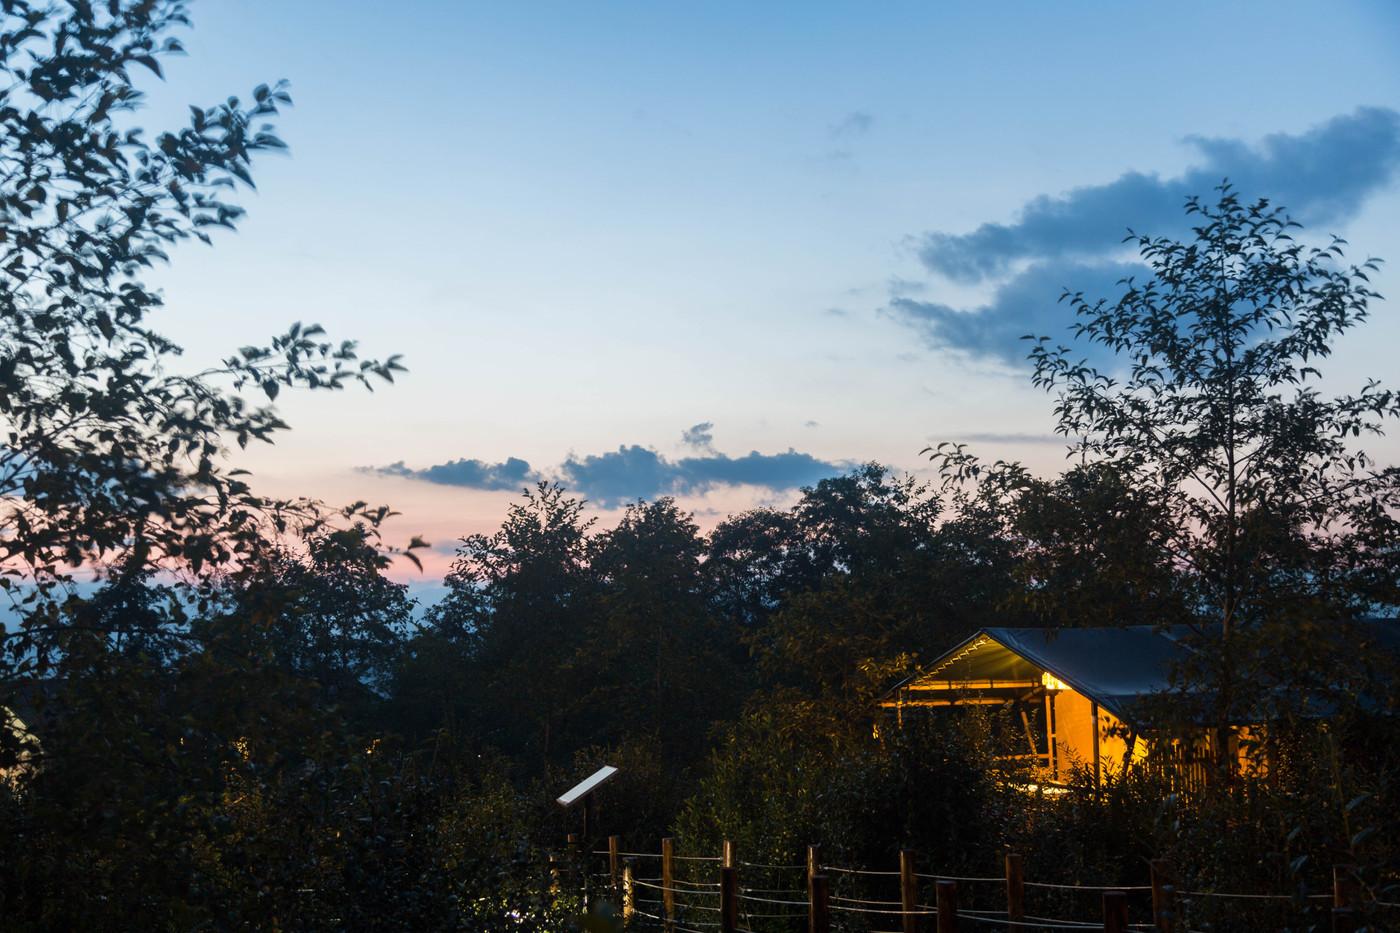 喜马拉雅野奢帐篷酒店—云南腾冲高黎贡山茶博园28